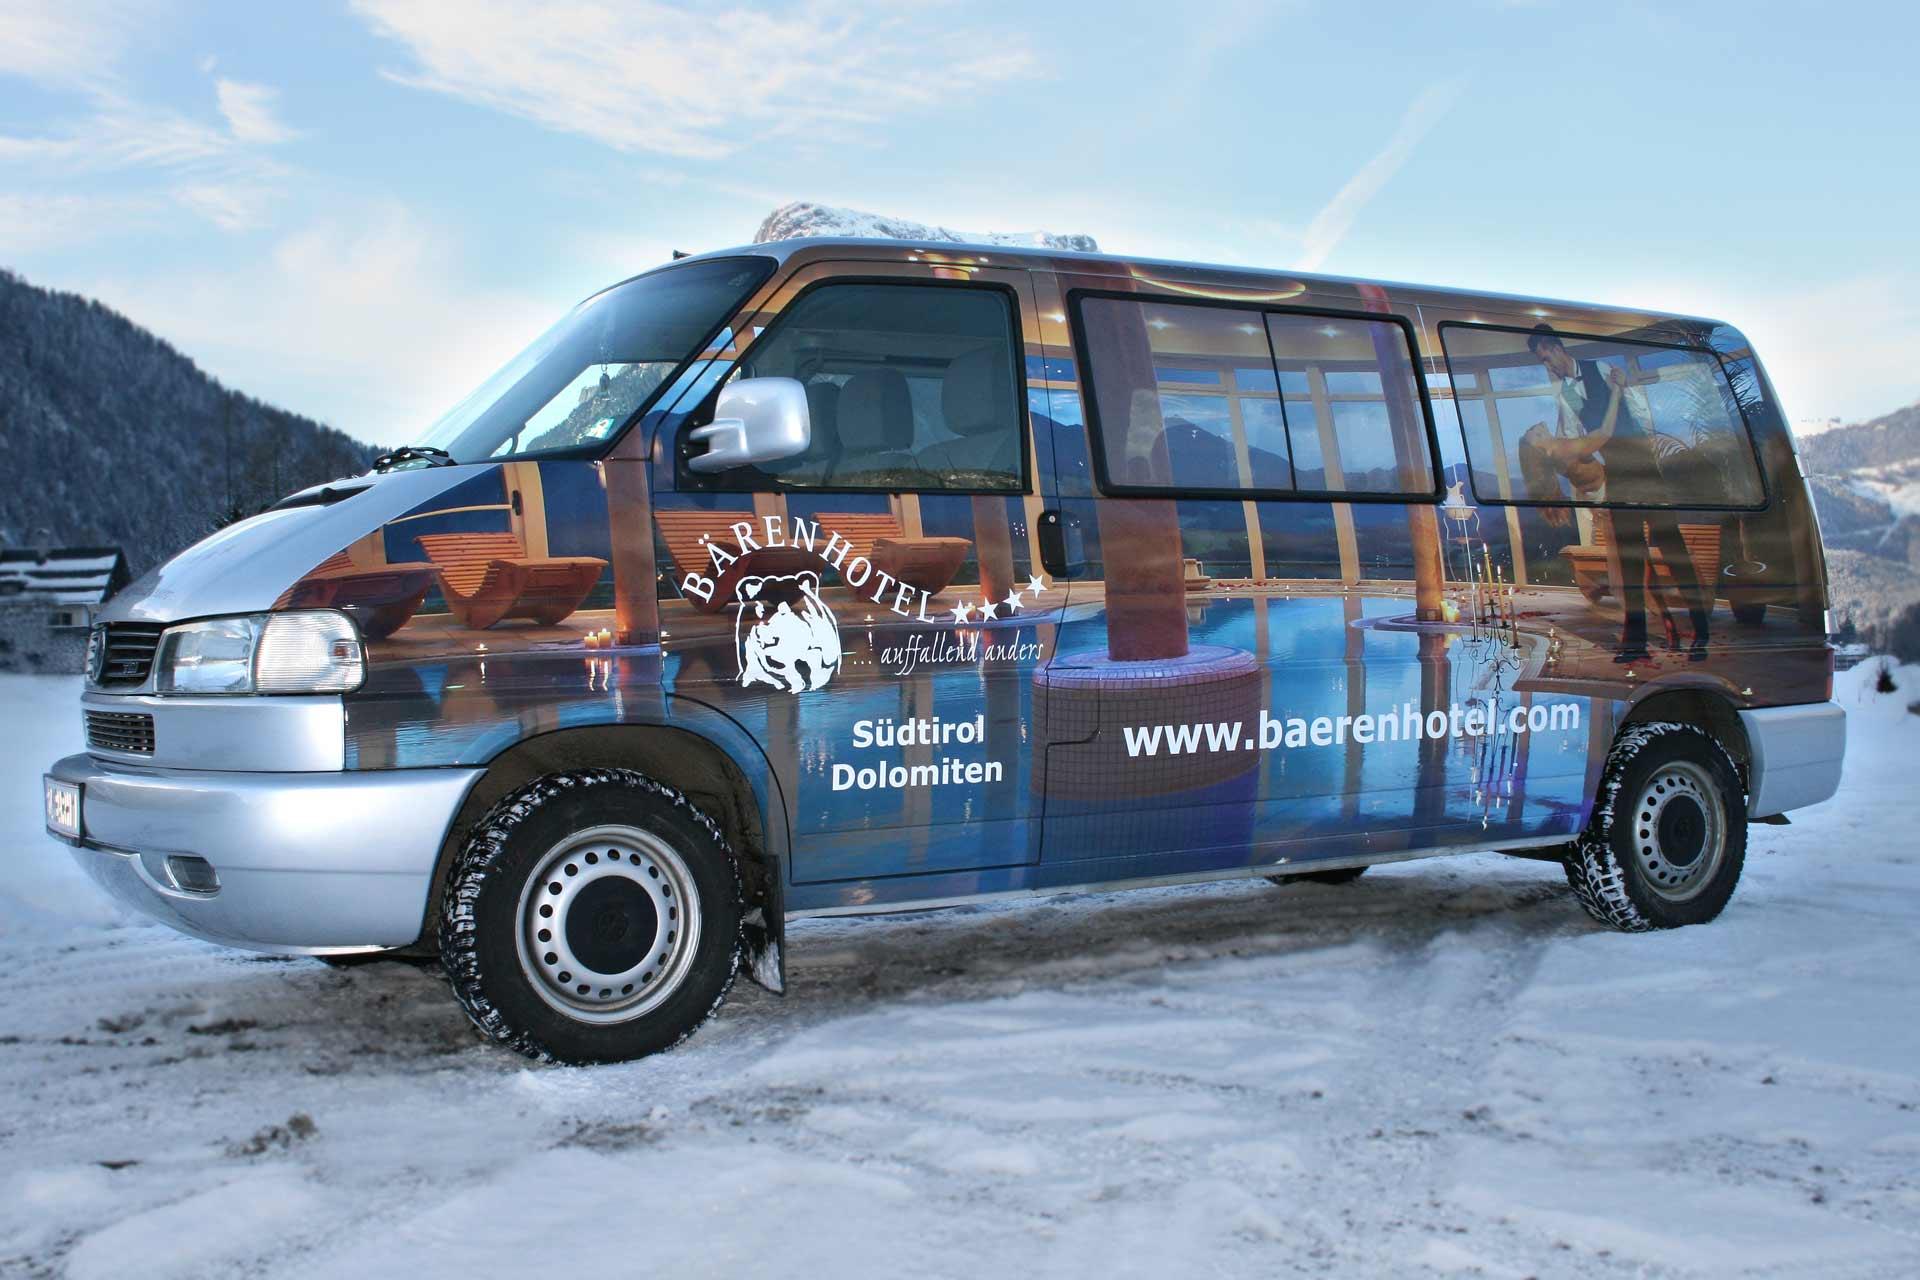 Bus Vollverklebung für Bärenhotel